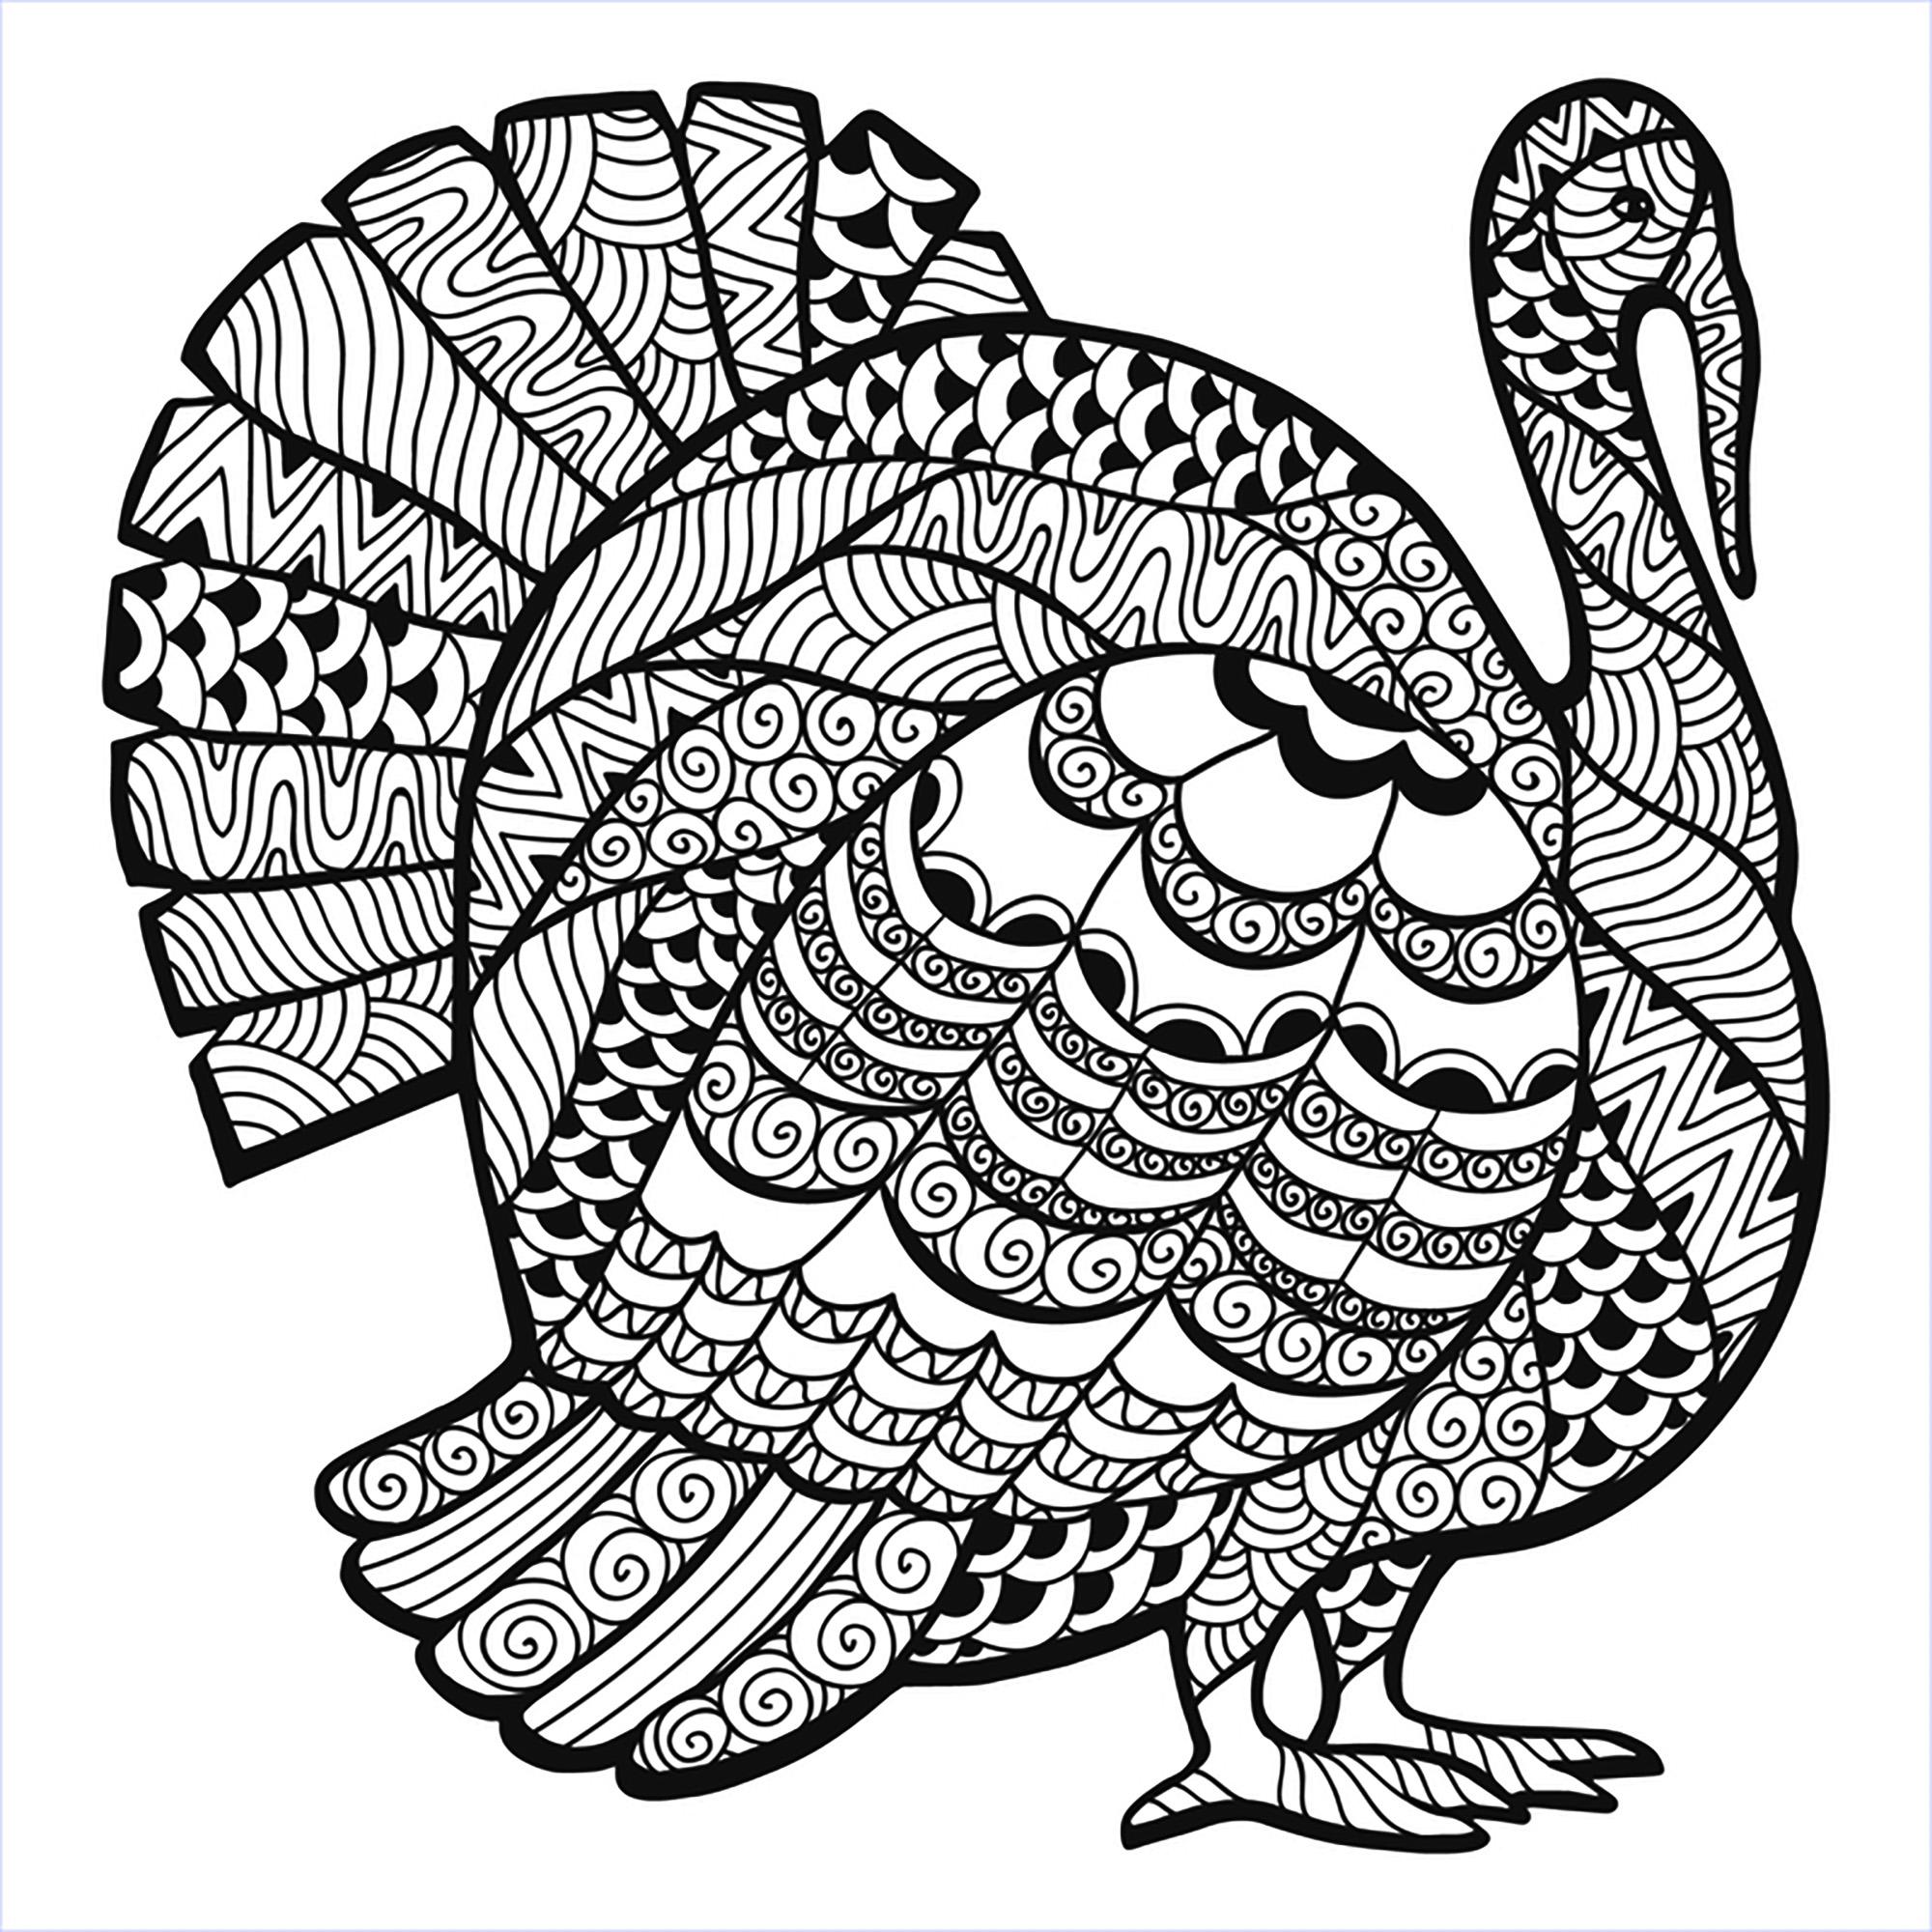 Disegni da colorare per adulti : Thanksgiving - 13